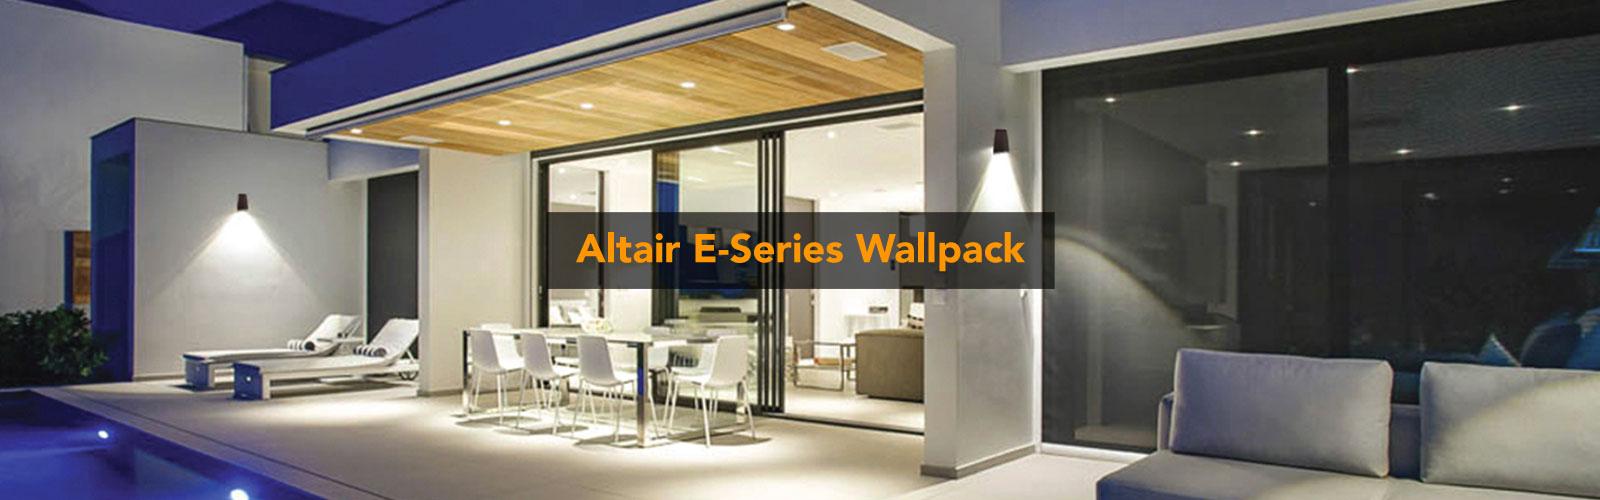 Altair E-Series